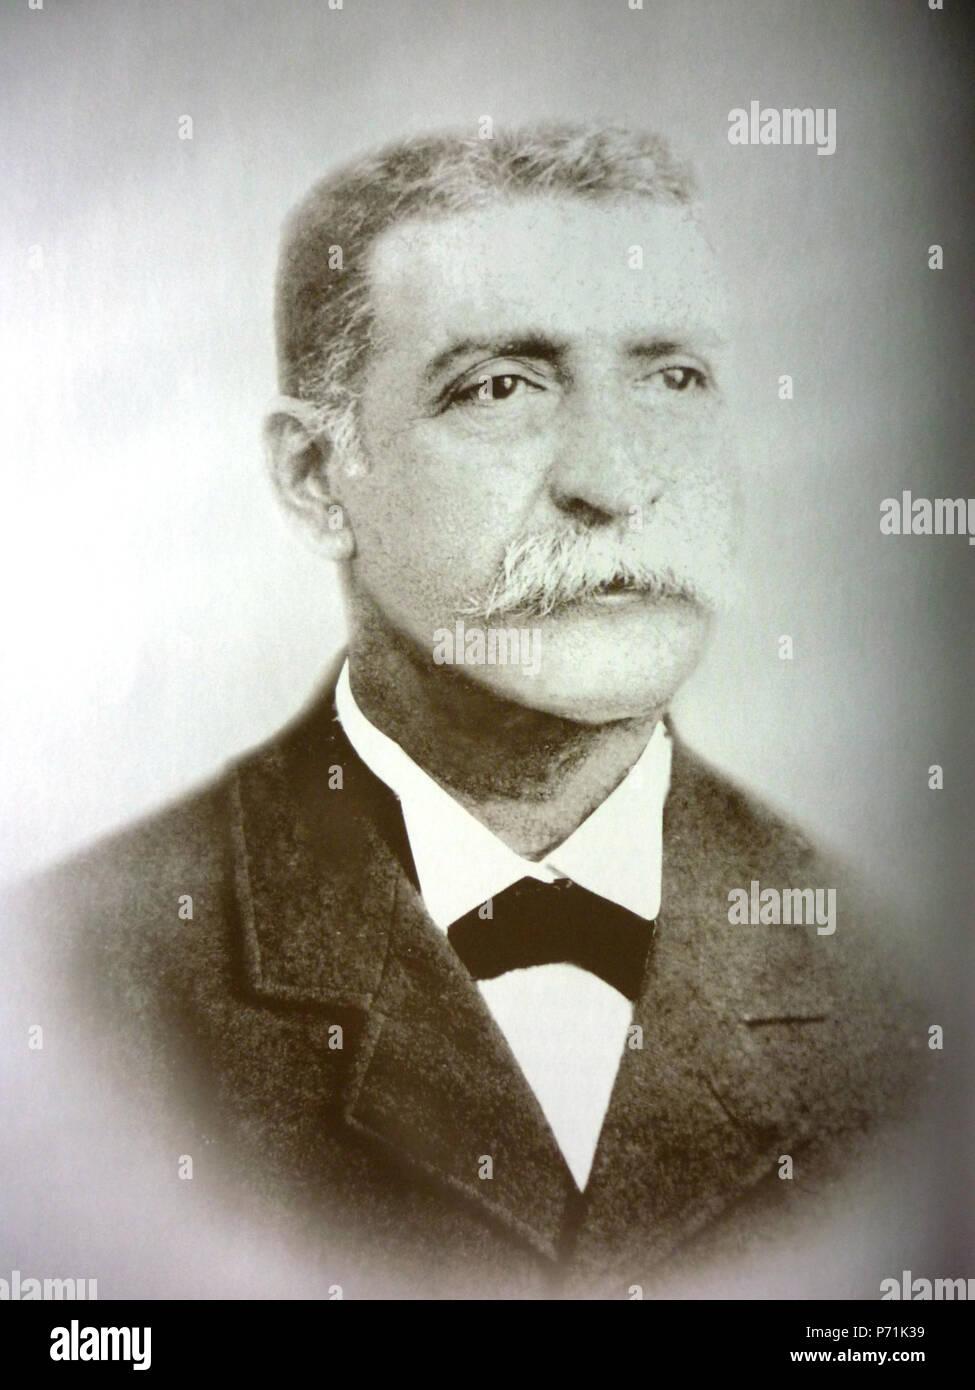 English: Pedro Jose Escalon, president of El Salvador (1903-1907) . 10 March 2013, 15:20:25 3 Escalon Stock Photo